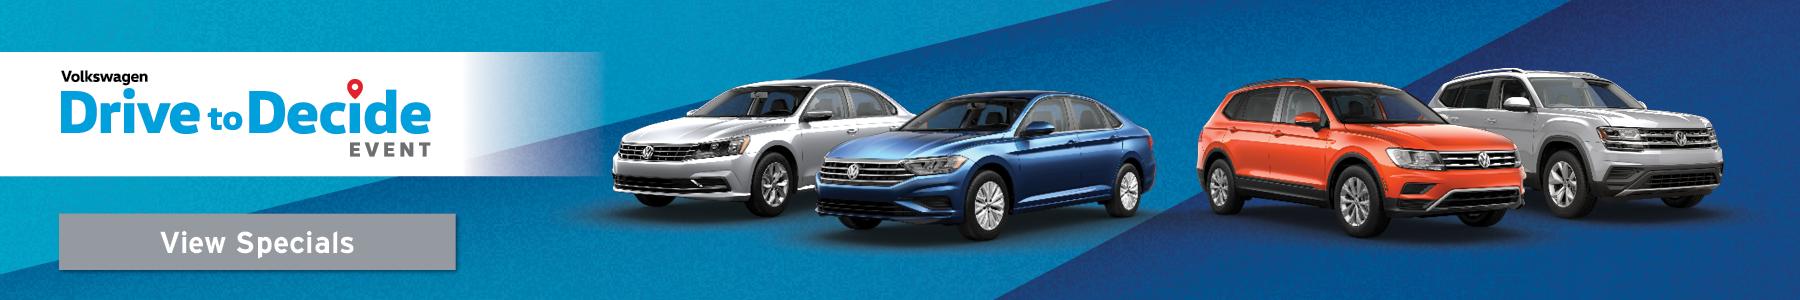 Volkswagen Drive to Decide Event